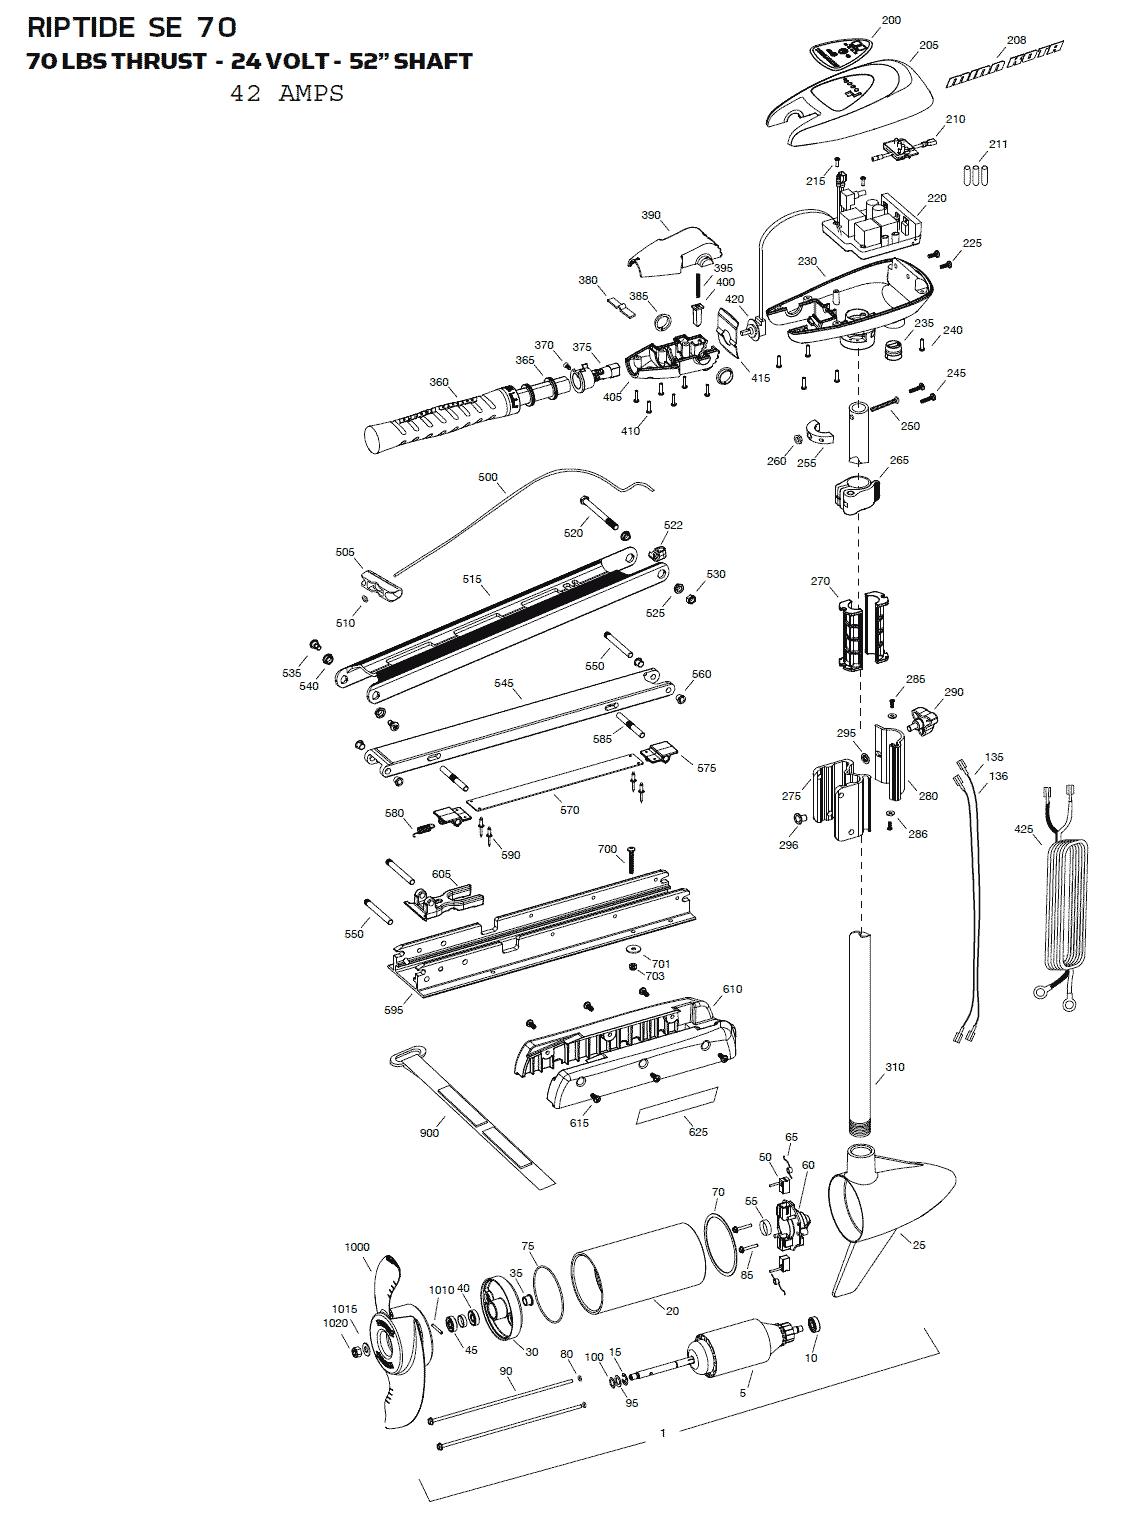 minn kota riptide 70 se parts